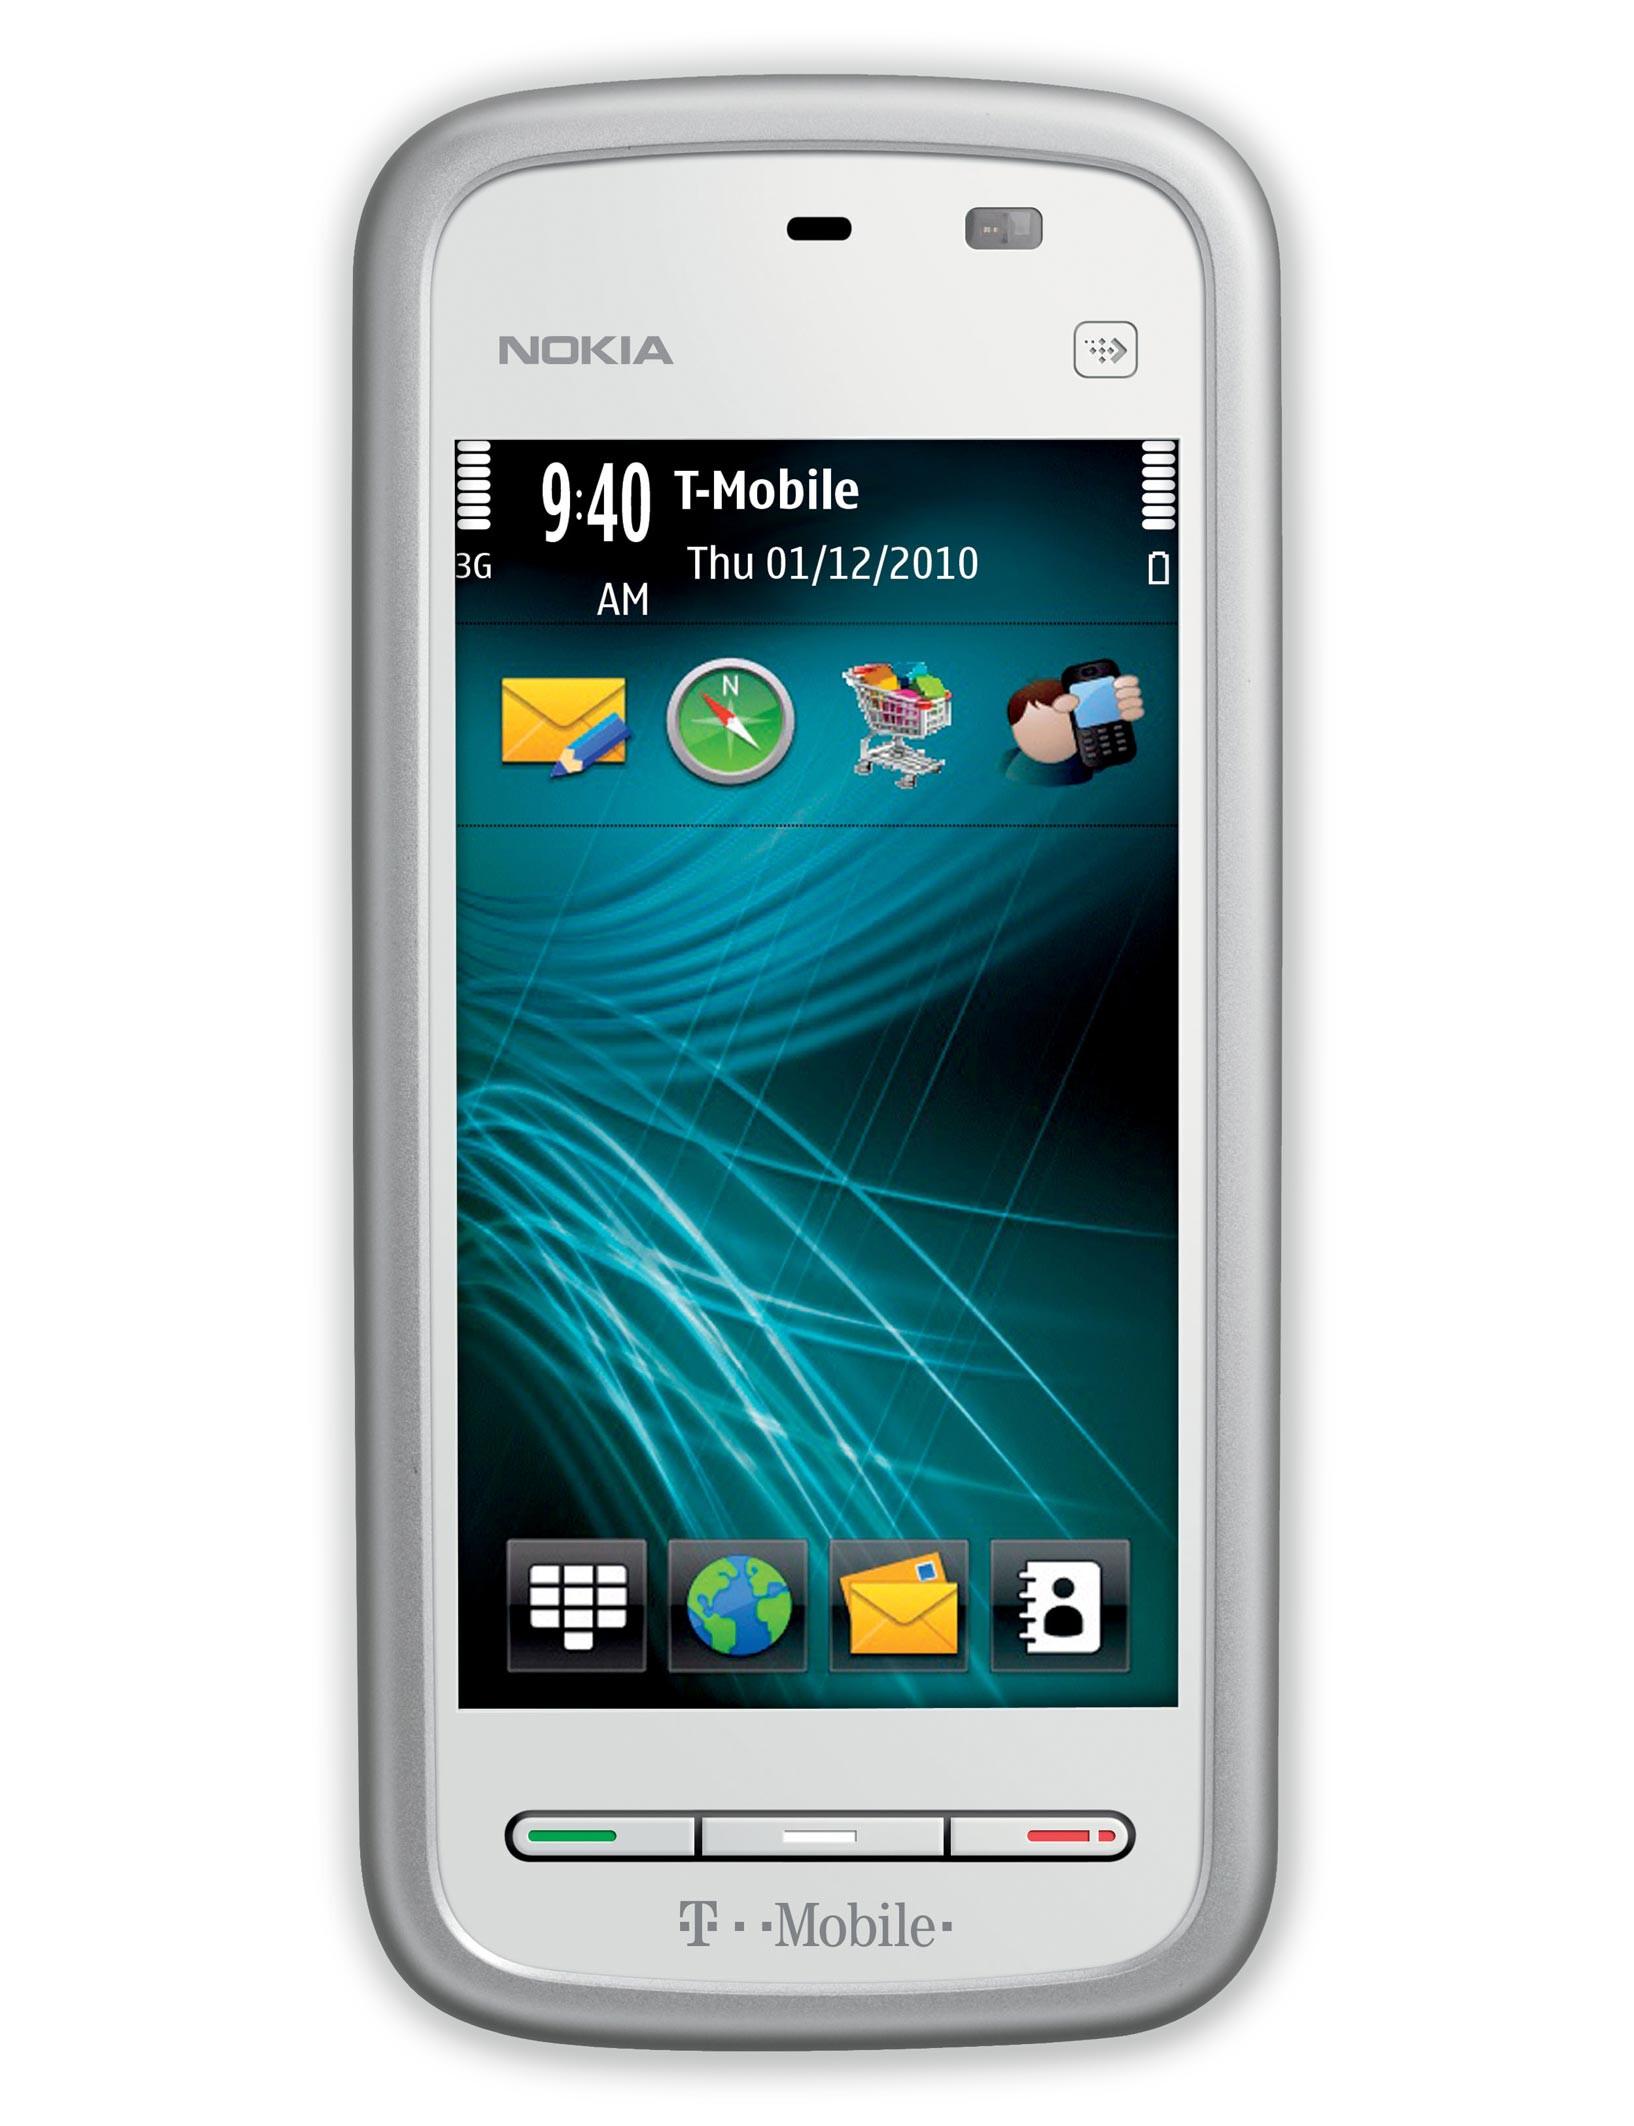 Nokia 5230 Nuron specs